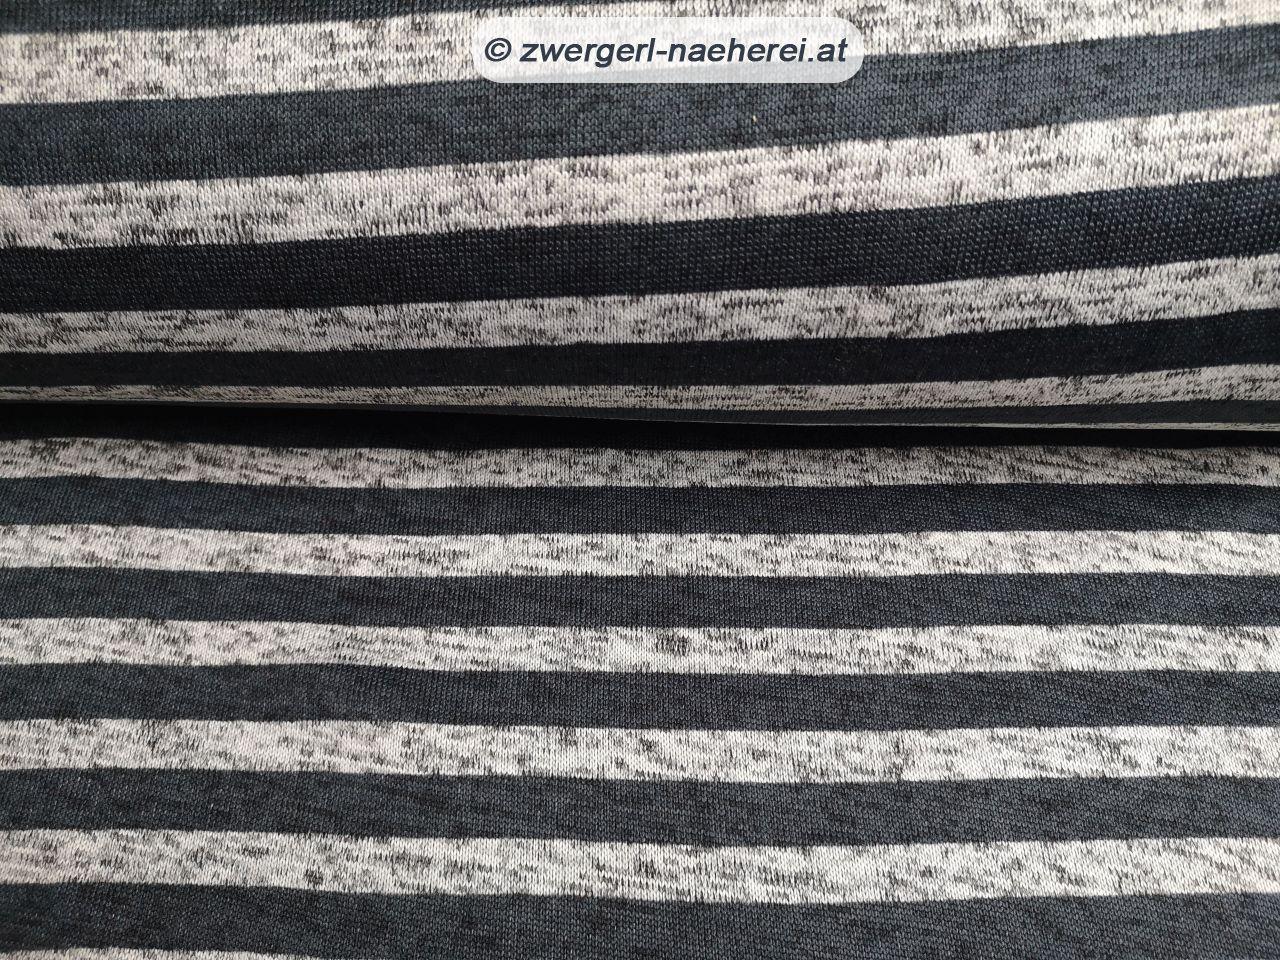 Stoff-Baumwolle-Jersey-Bündchen-Fleece-Bio_019